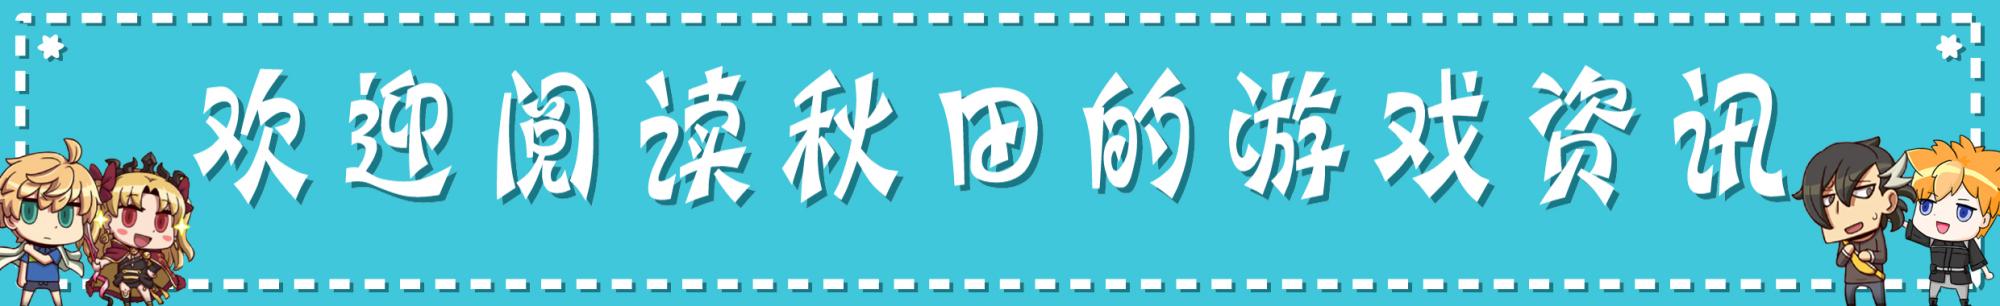 """FGO小王子为何如此吸引人?令人无法抗拒的""""缝合""""-小柚妹站"""